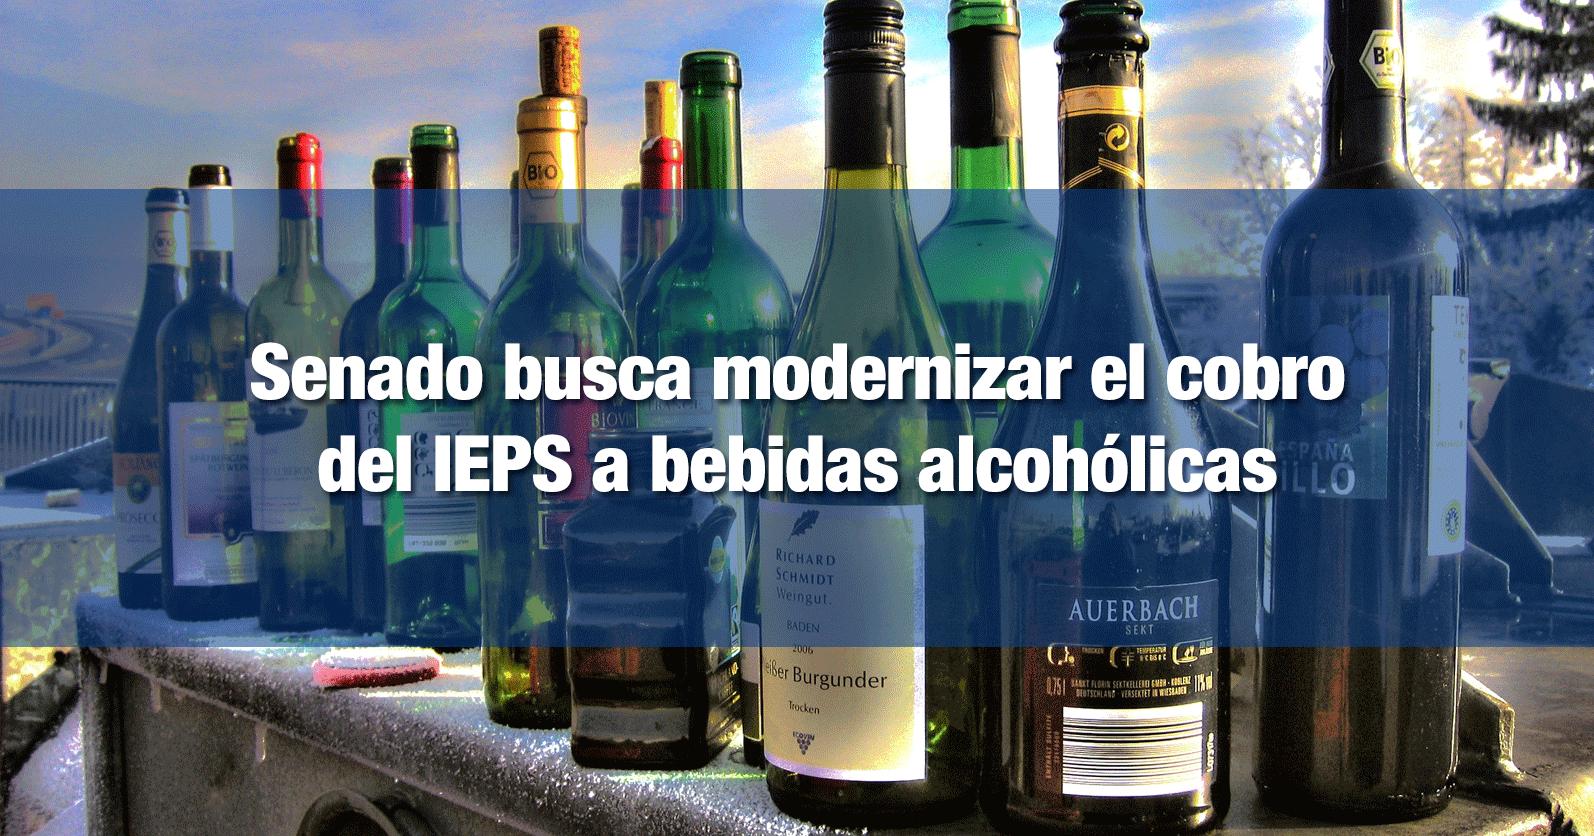 Senado busca modernizar el cobro del IEPS a bebidas alcohólicas